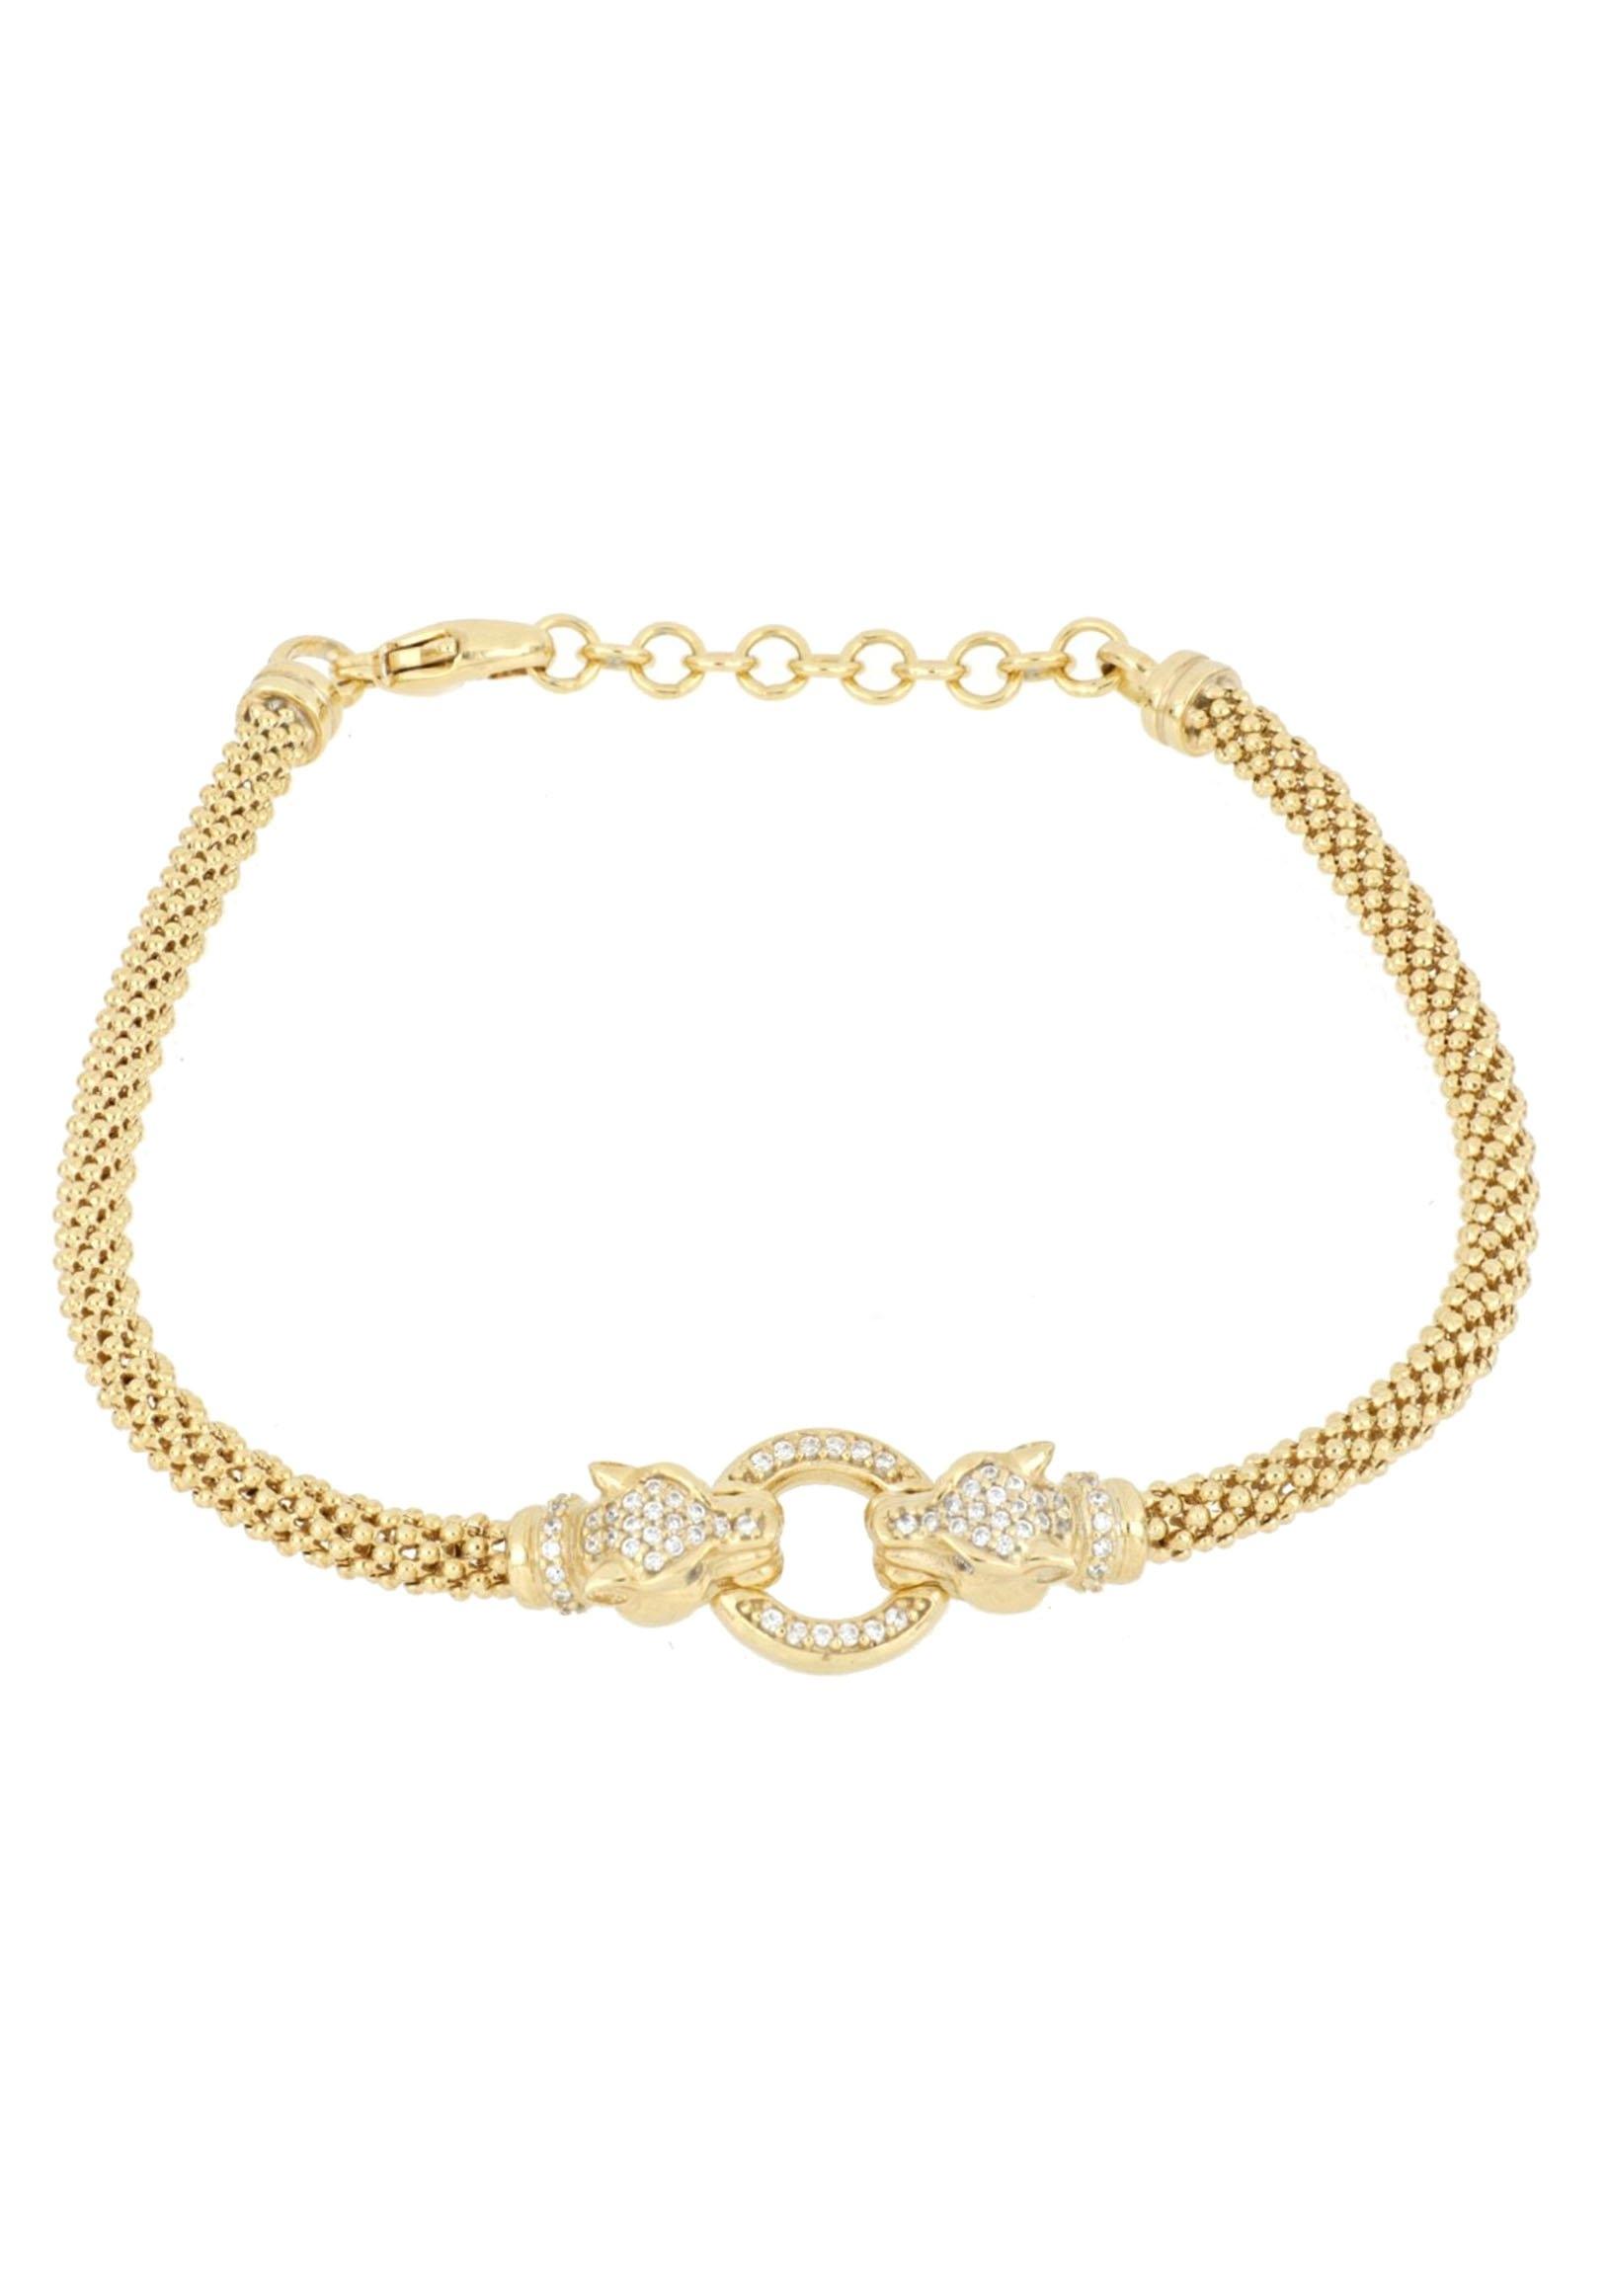 Firetti armband Tijgerkoppen en ring, verguld, glans-look met zirkoon bestellen: 30 dagen bedenktijd